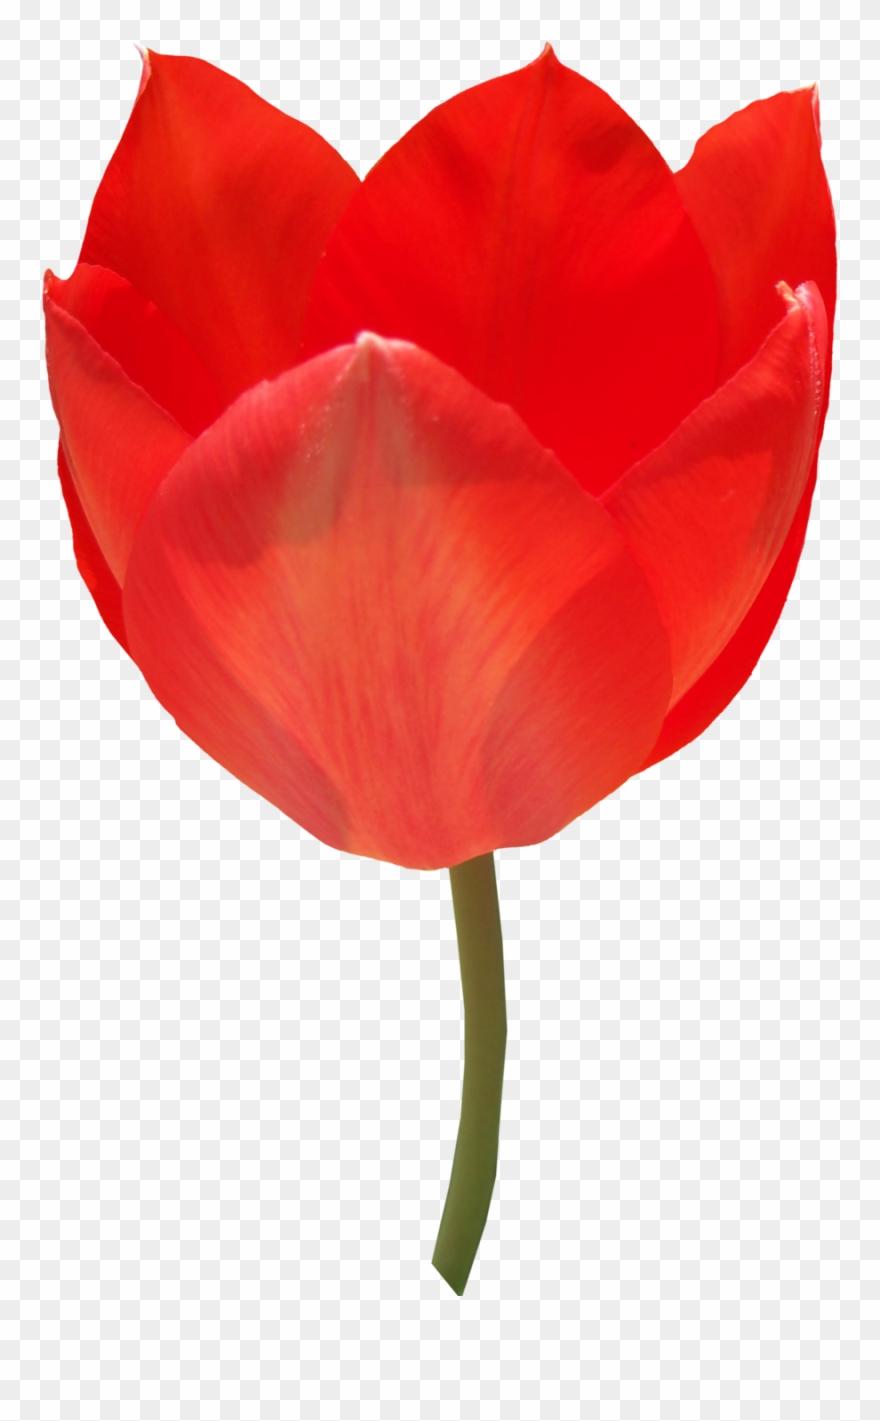 tulip # 4986222